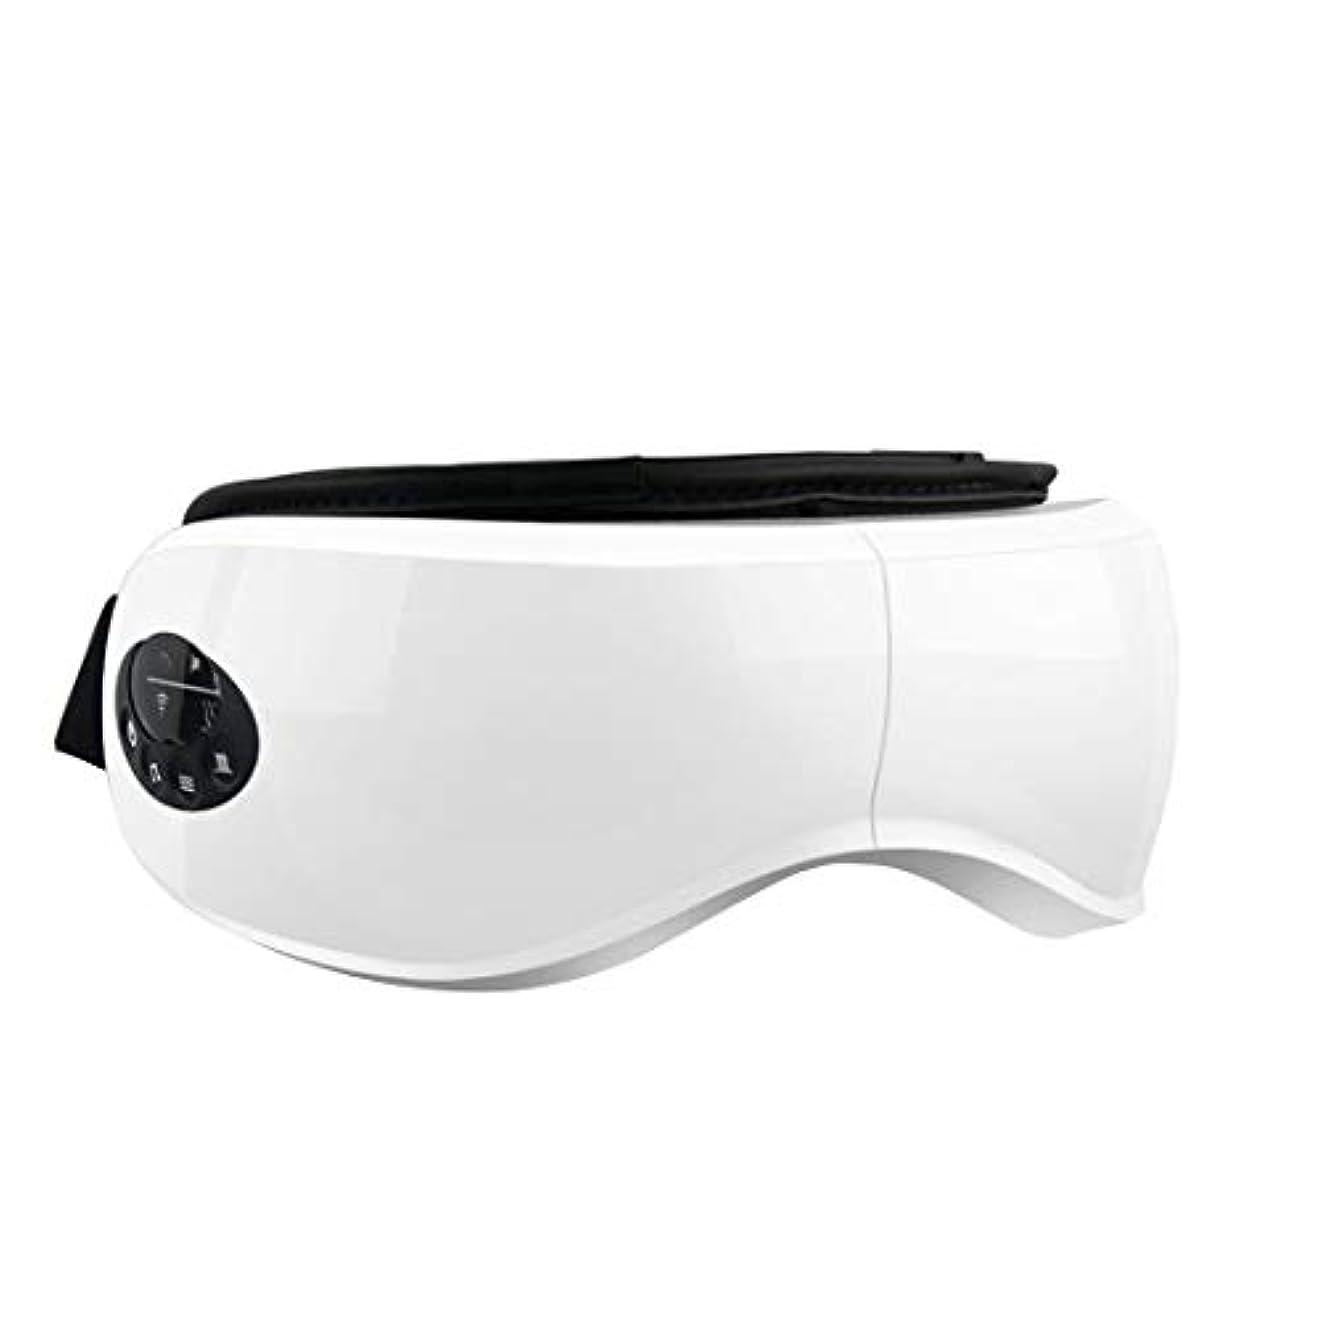 立証するコンパニオン結論人民の東の道 空気圧振動を伴う電気アイテンプルマッサージアイリラックス視力治療のための熱圧迫ストレス疲労